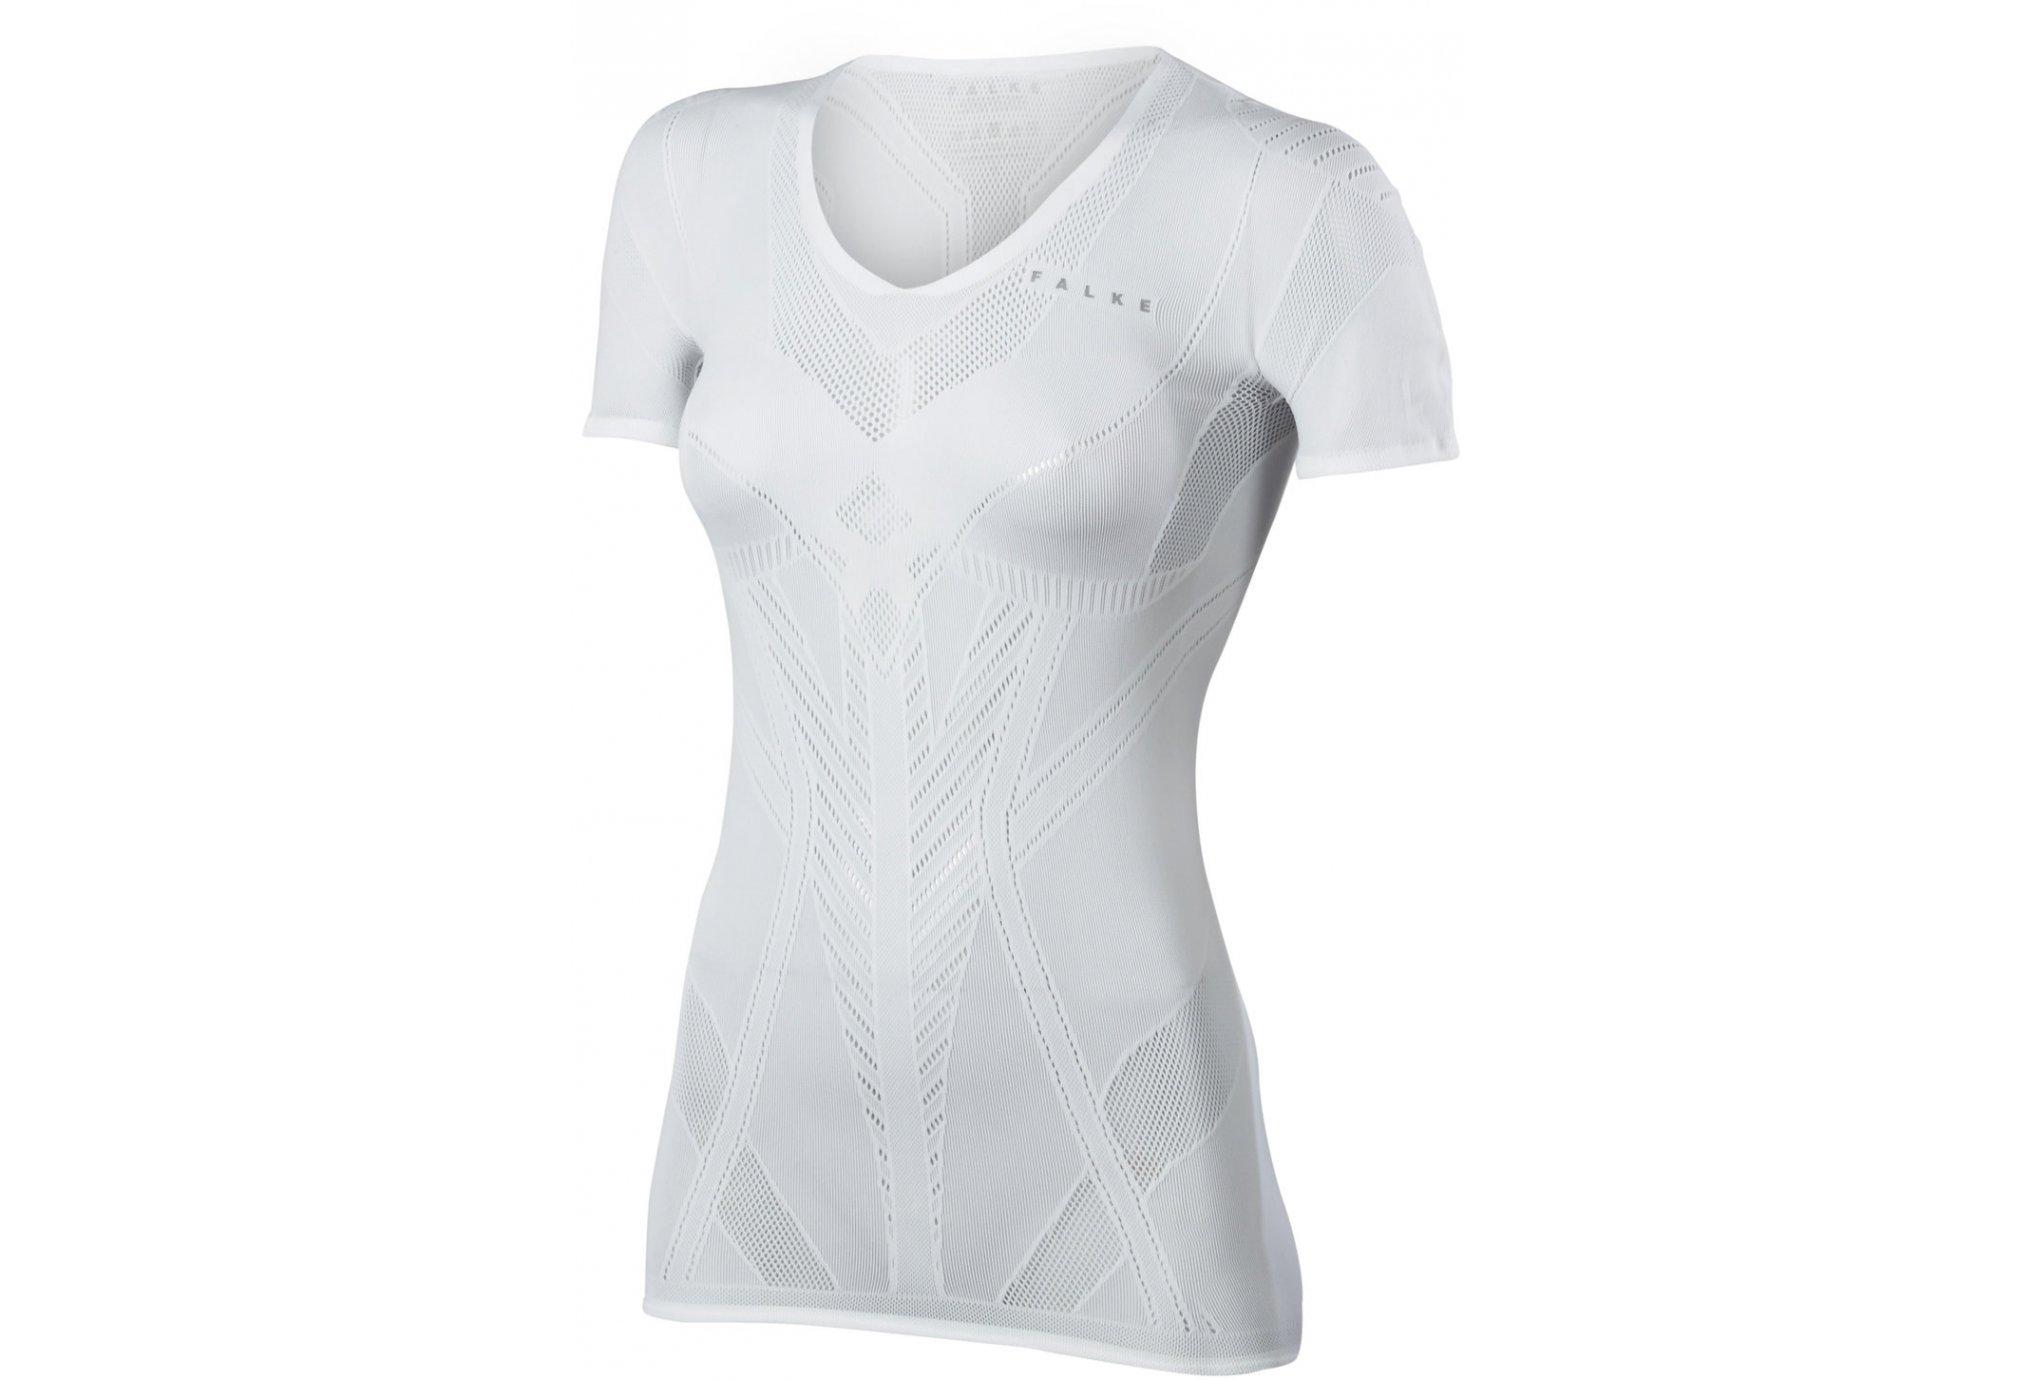 Falke Tee-shirt Air Ventilation W Diététique Vêtements femme